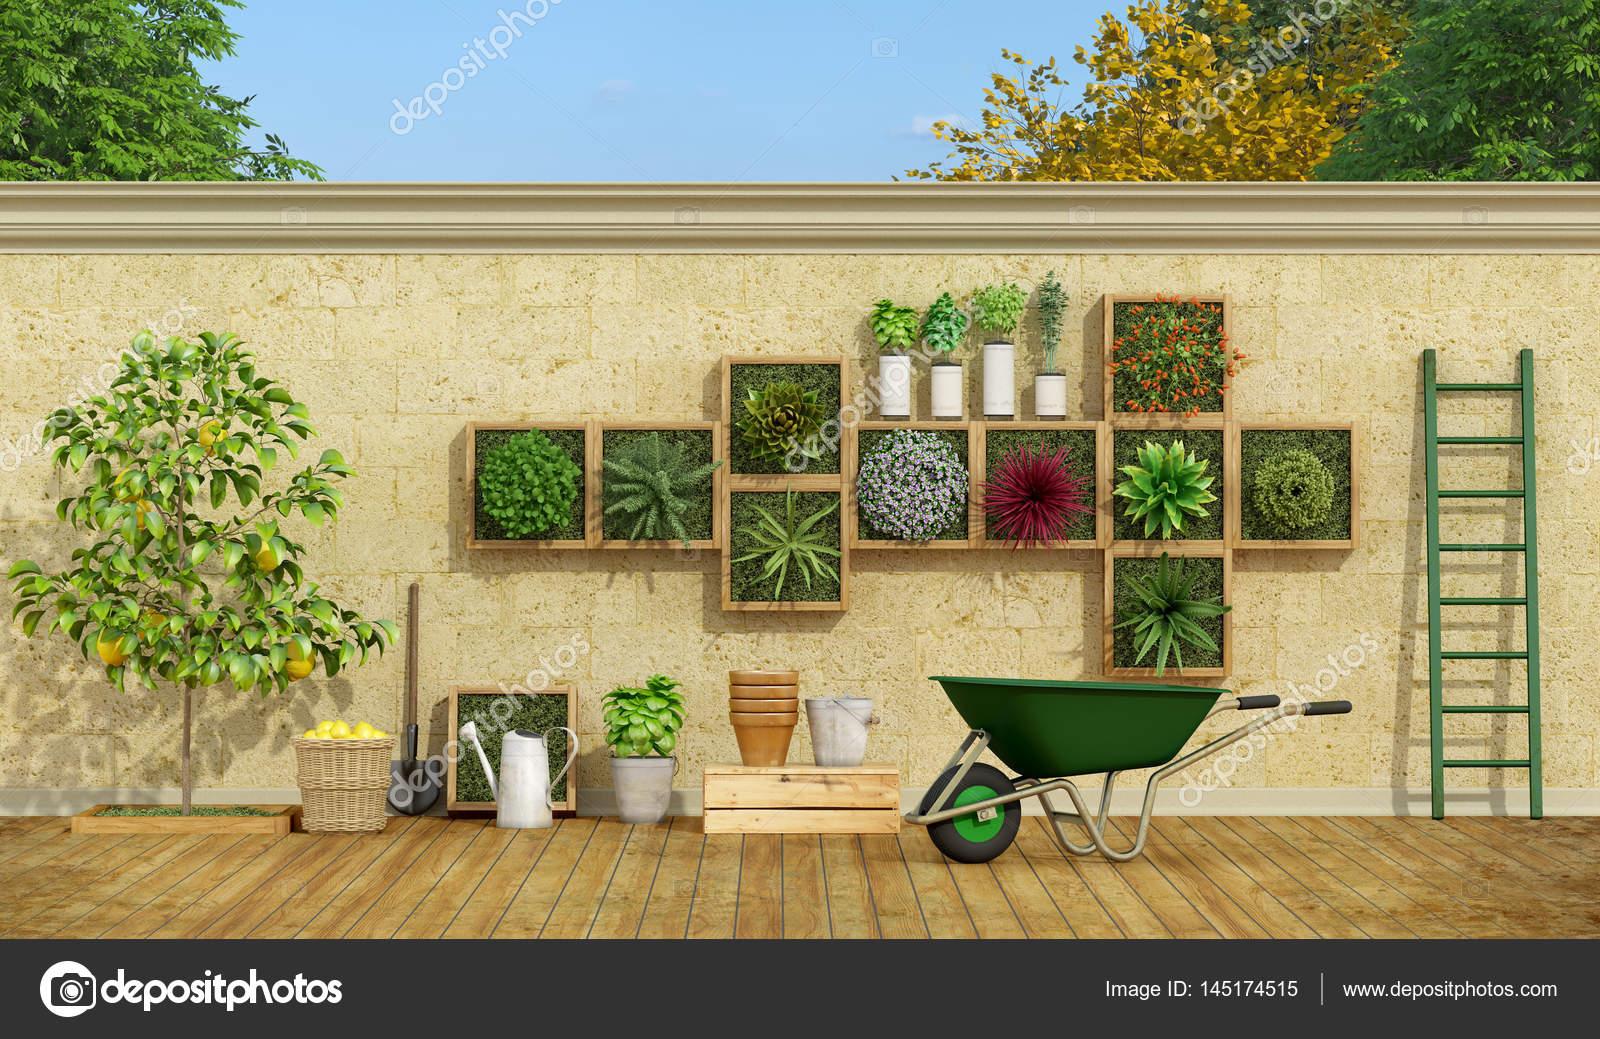 Verticale Tuin Woonkamer : Verticale tuin op stenen muur u2014 stockfoto © archideaphoto #145174515